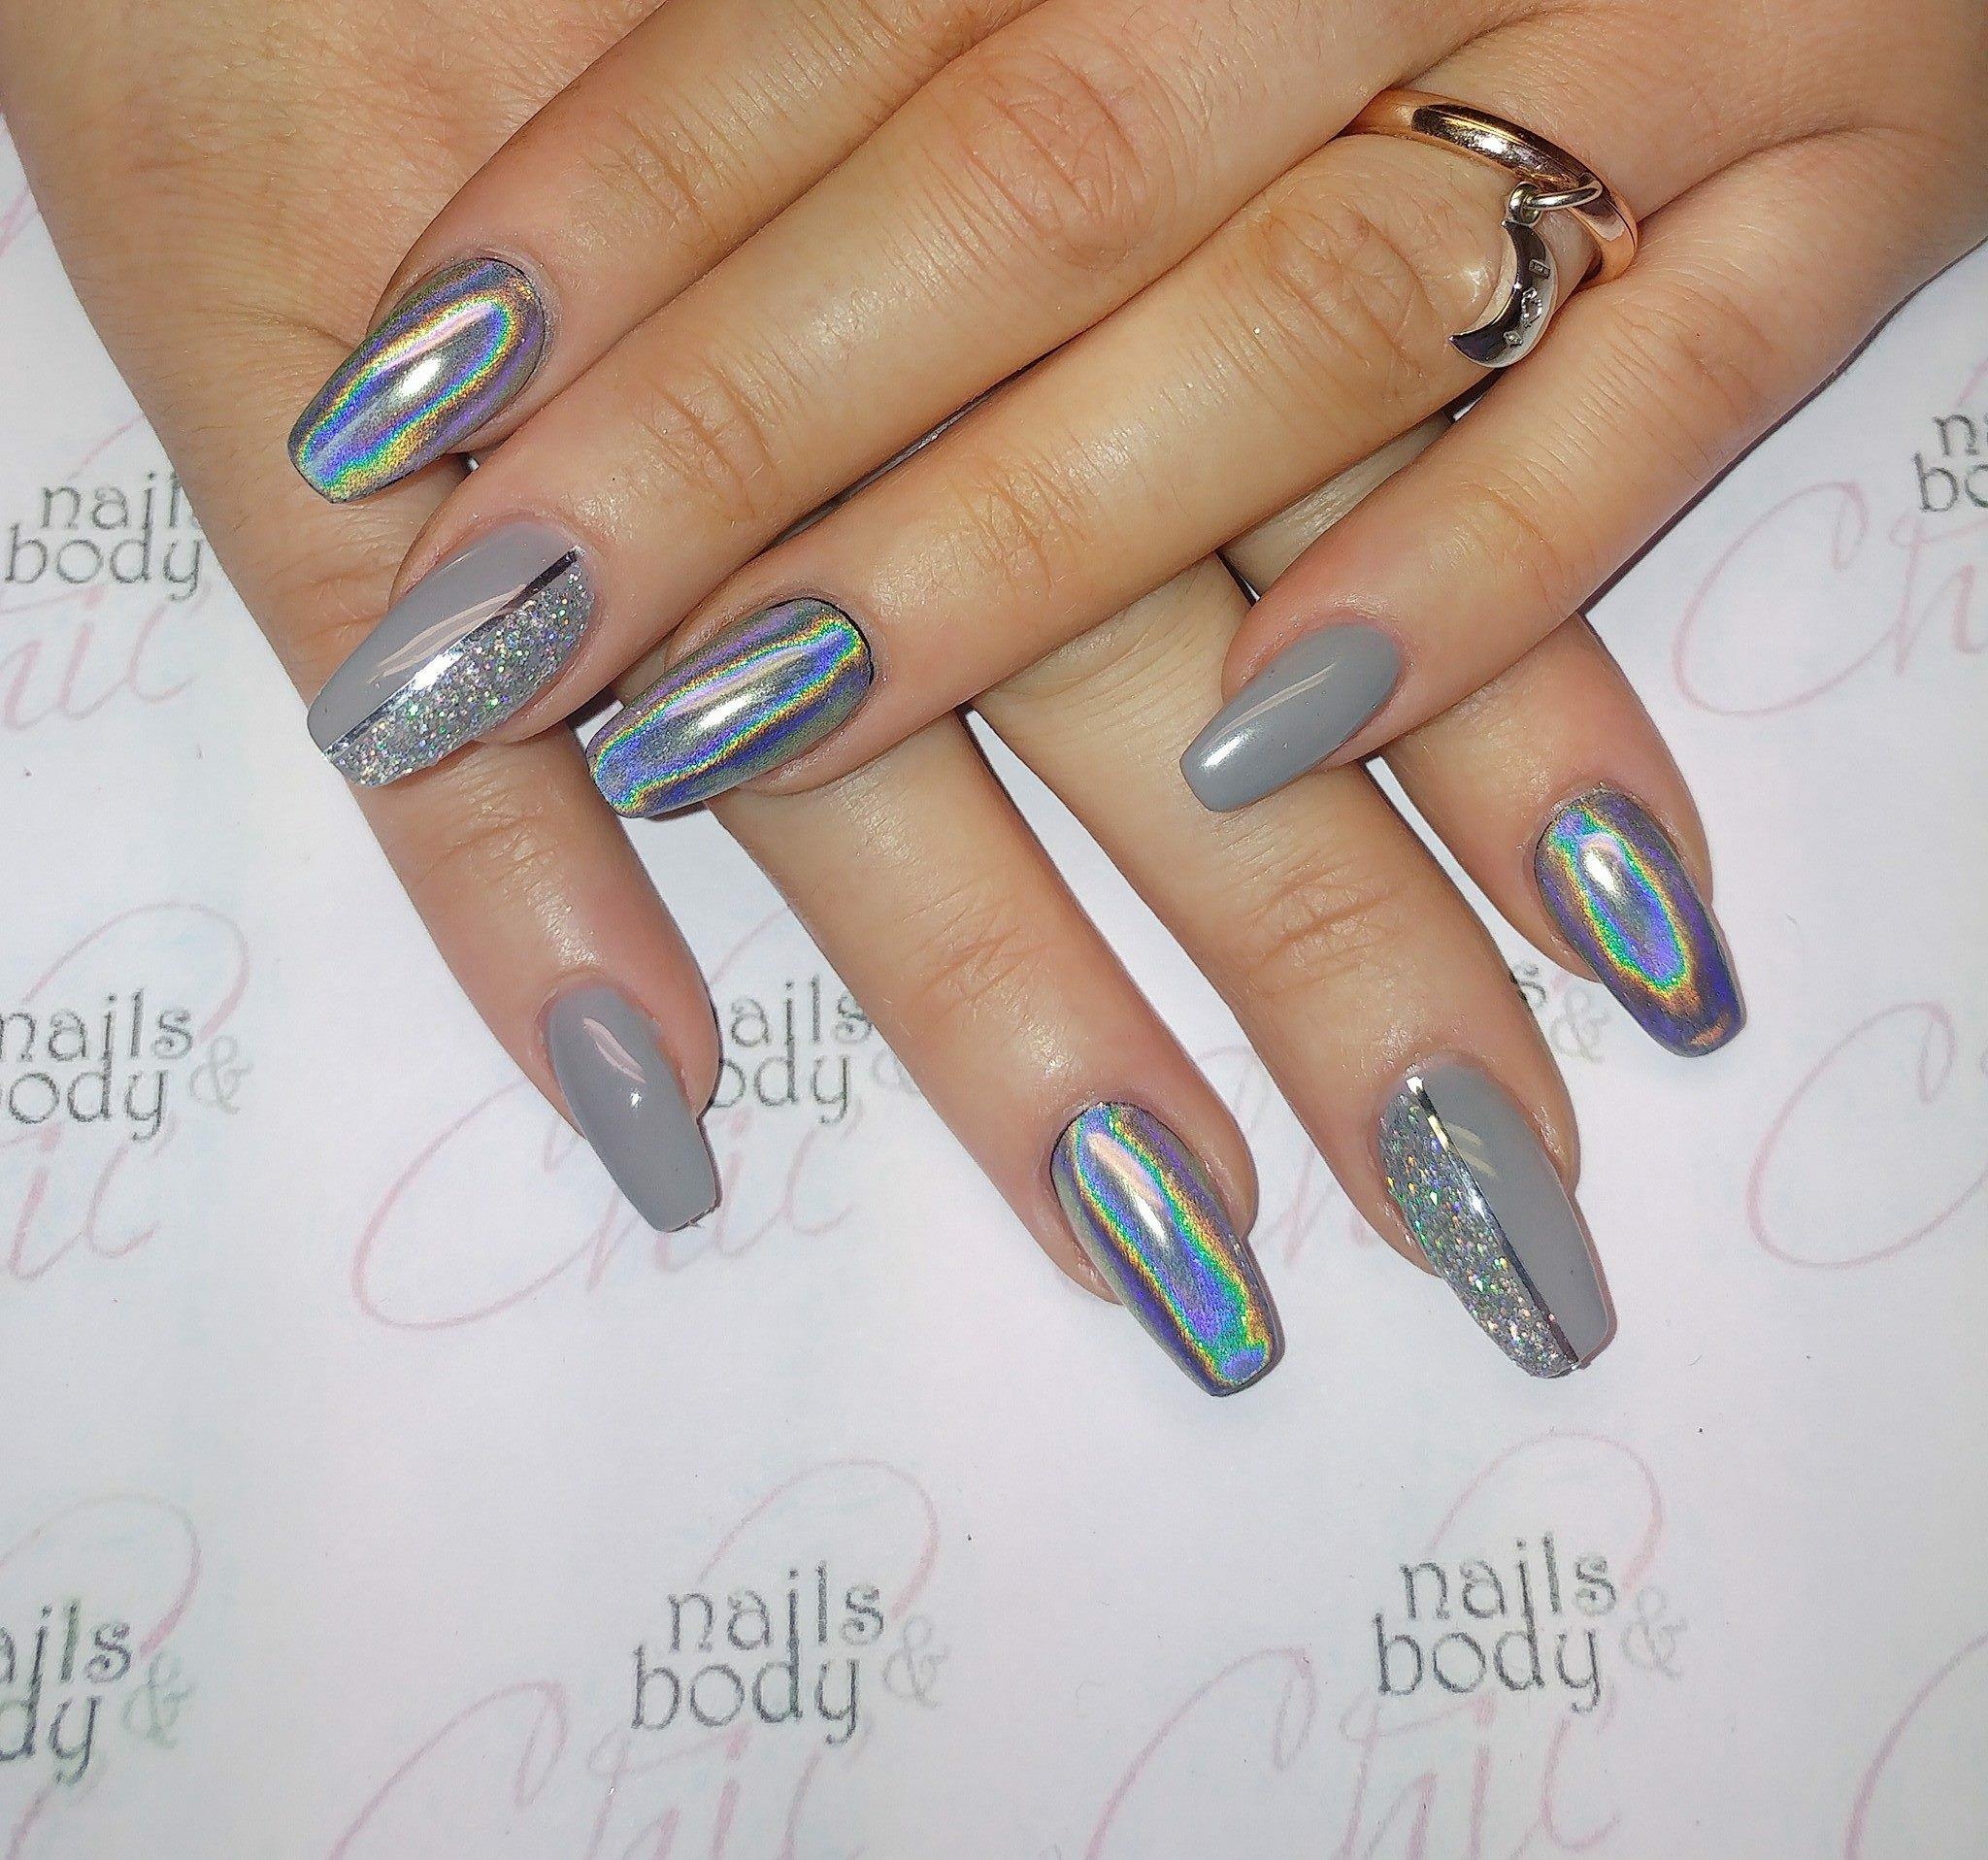 Unghie grigio effetto specchio nails pinterest - Unghie gel specchio ...